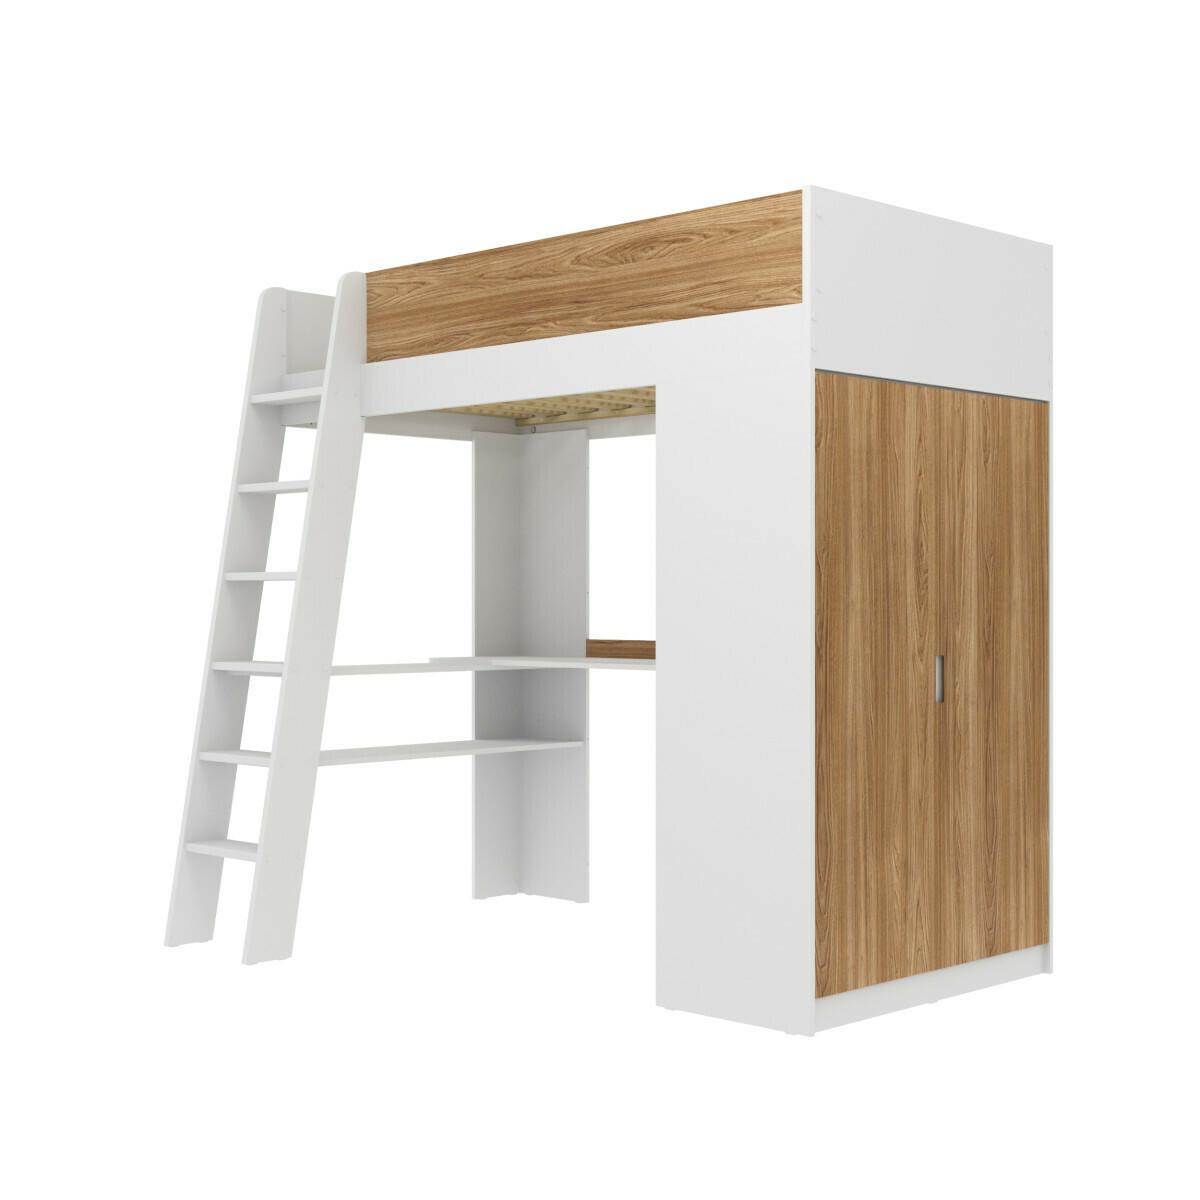 Lit, matelas Panneaux de bois 90x190 Blanc, bois